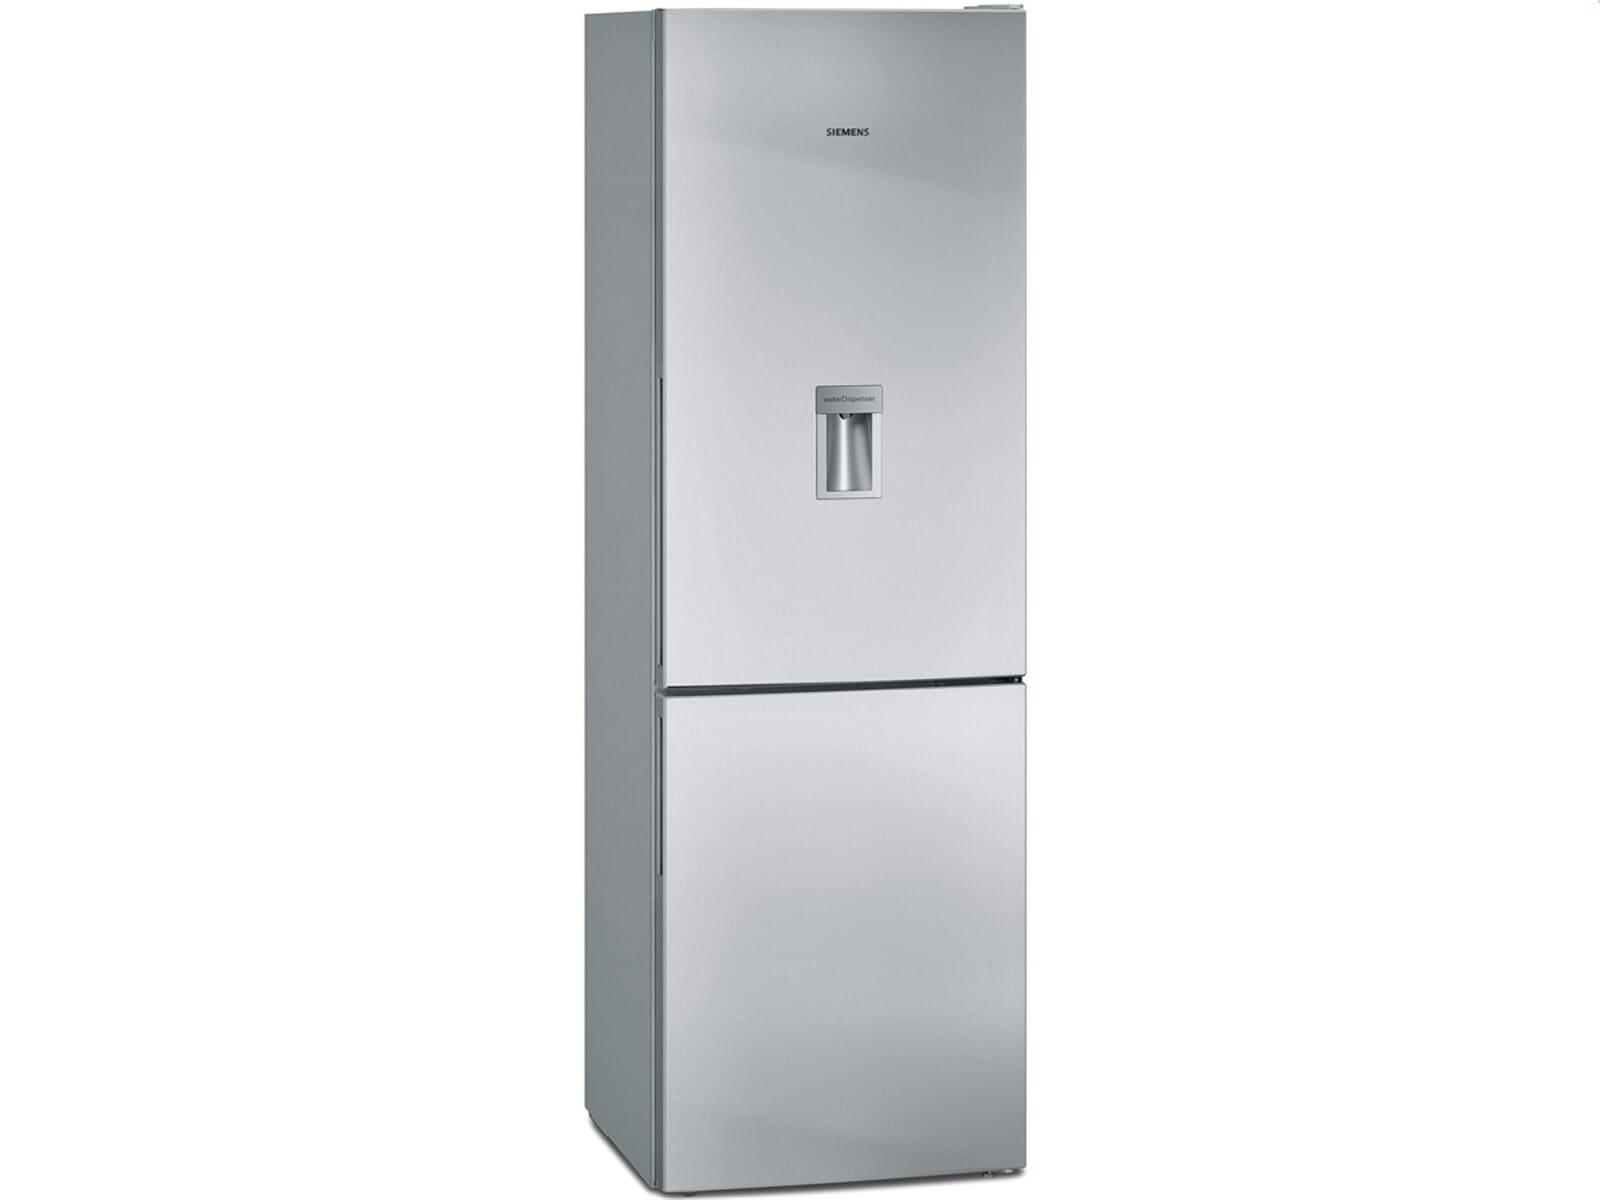 Siemens Kühlschrank Eiswürfelbereiter Bedienungsanleitung : Siemens kg wxl s kühl gefrierkombination edelstahl look